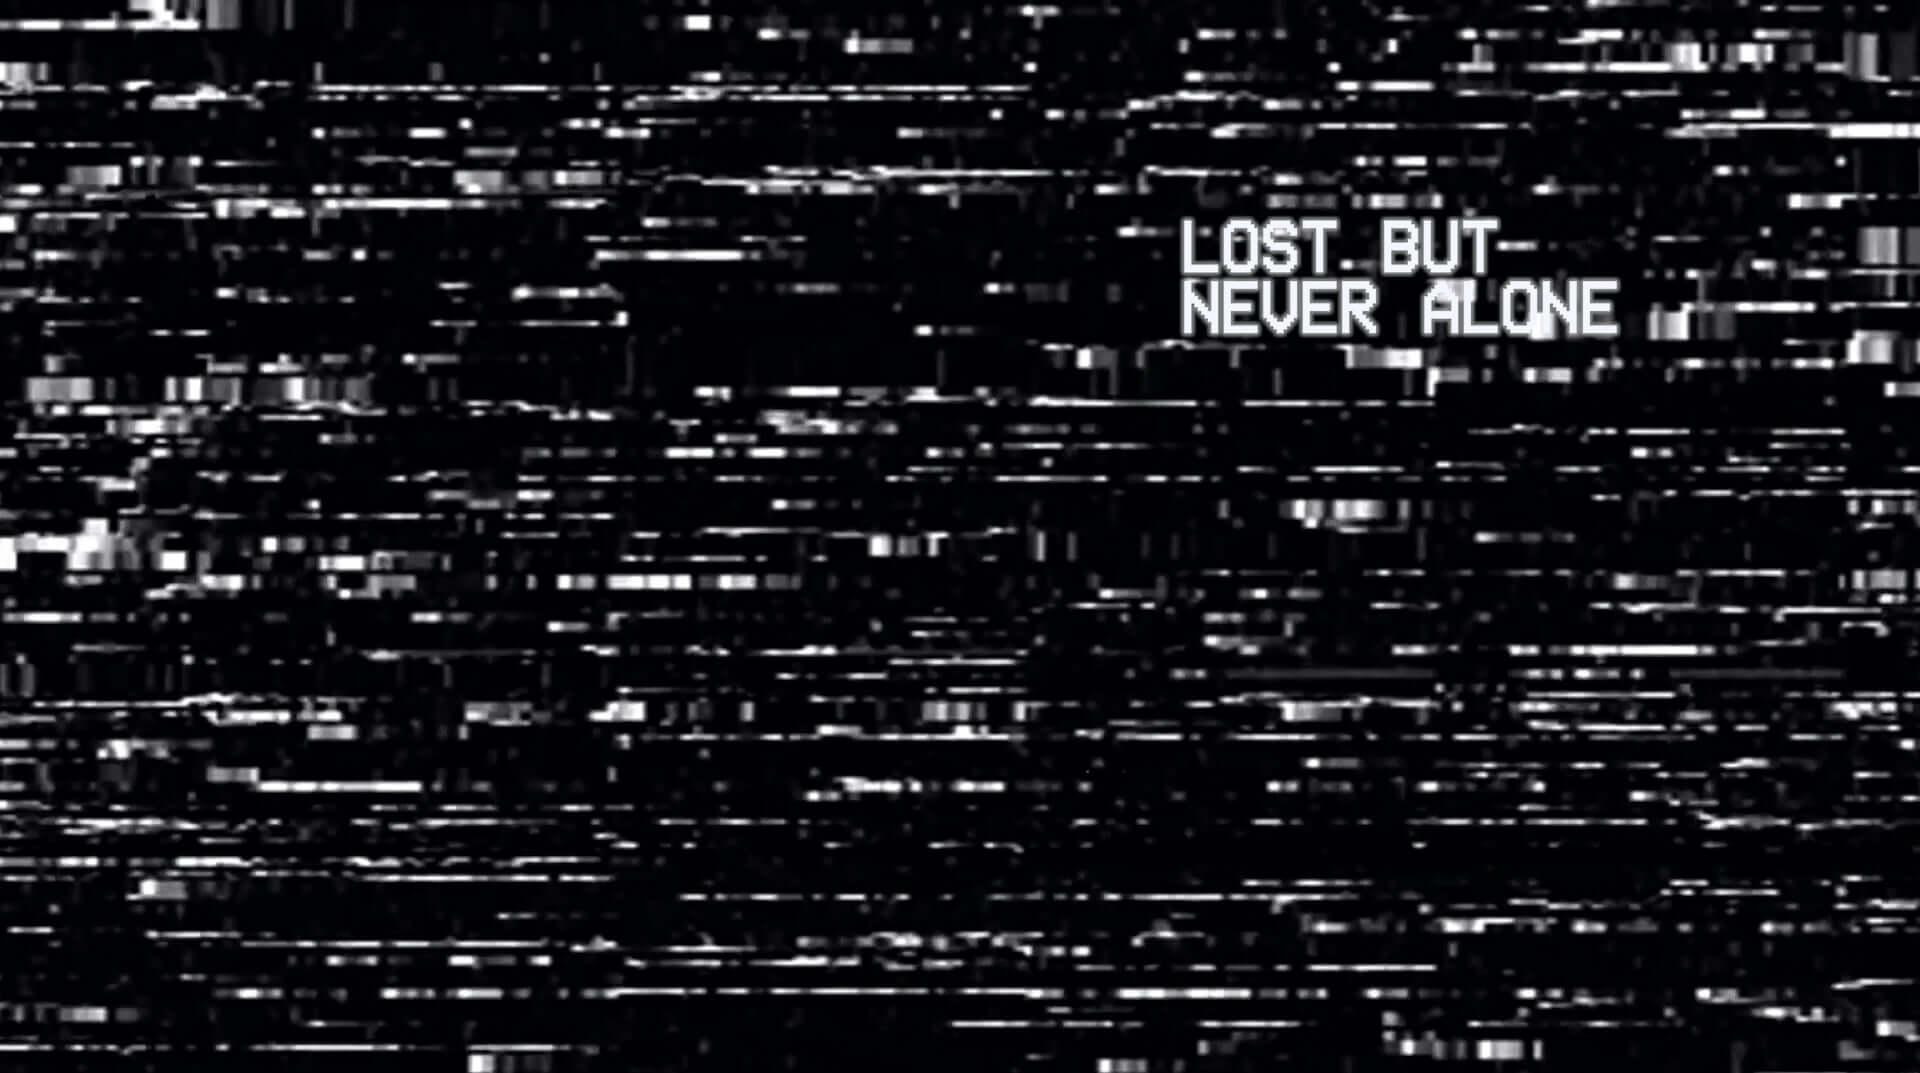 """Oneohtrix Point Never最新作より""""Lost But Never Alone""""のMVが公開!〈WARP〉の特別キャンペーンも実施中 music201113_opn_6-1920x1073"""